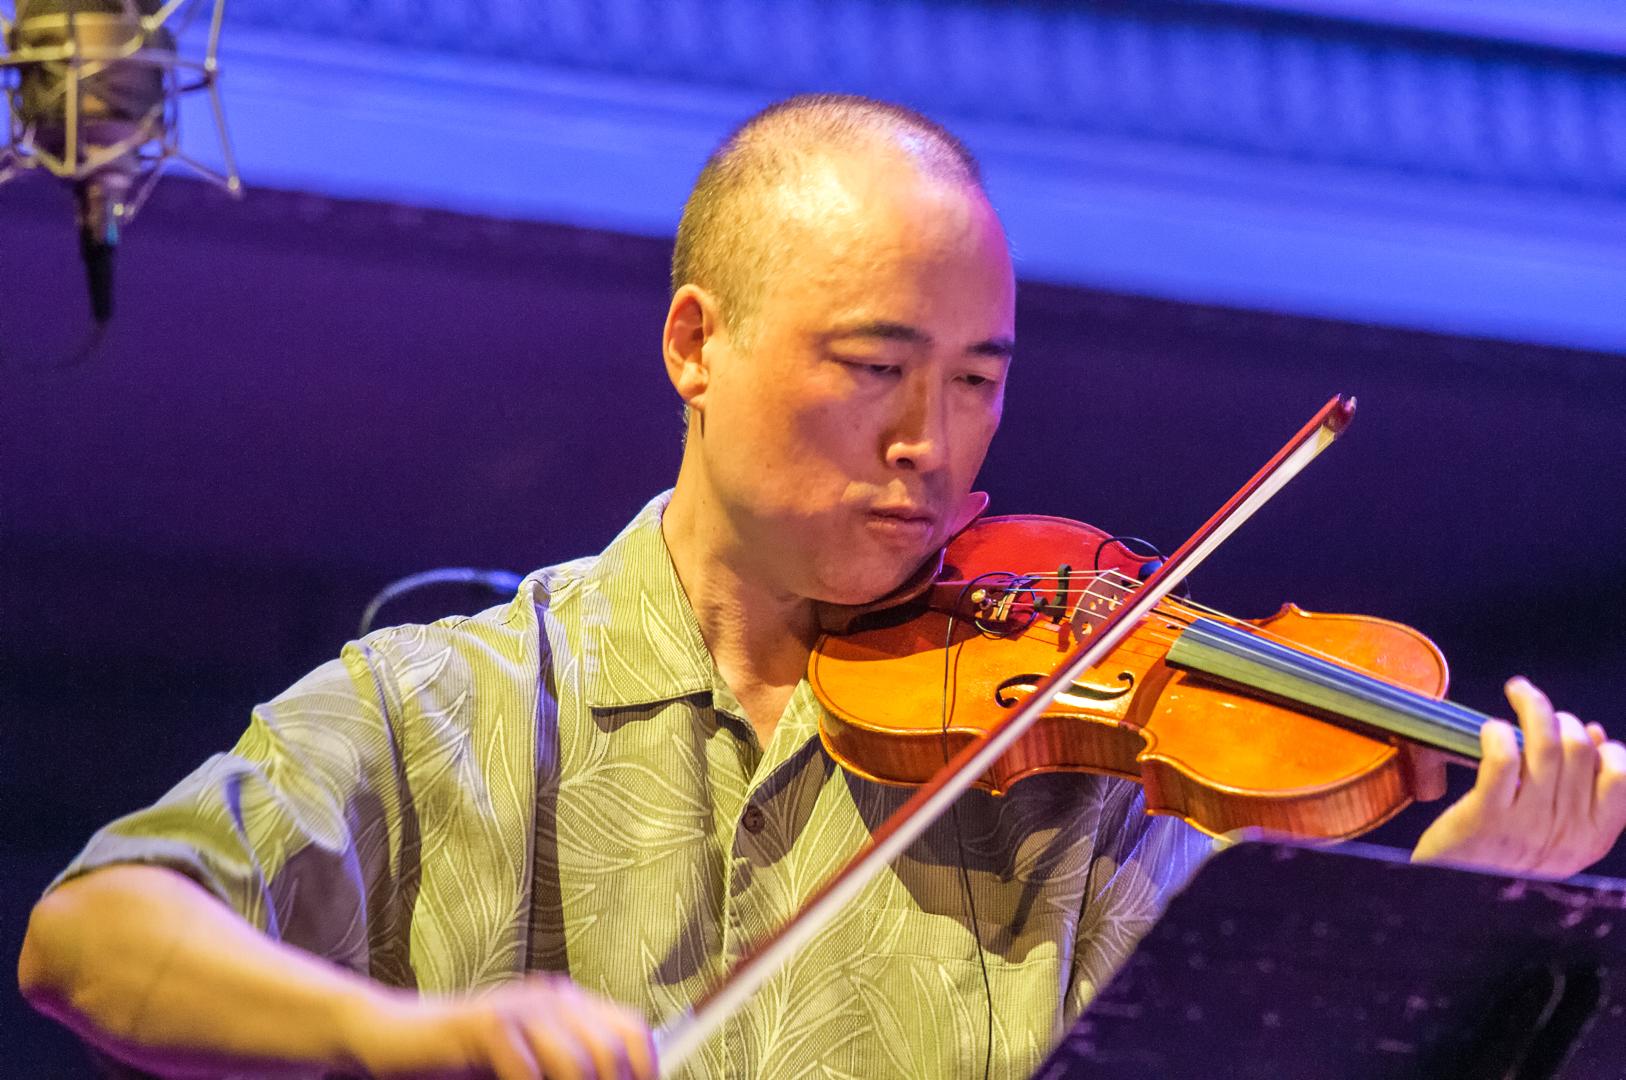 Jason kao hwang with burning bridge at the vision festival 2012